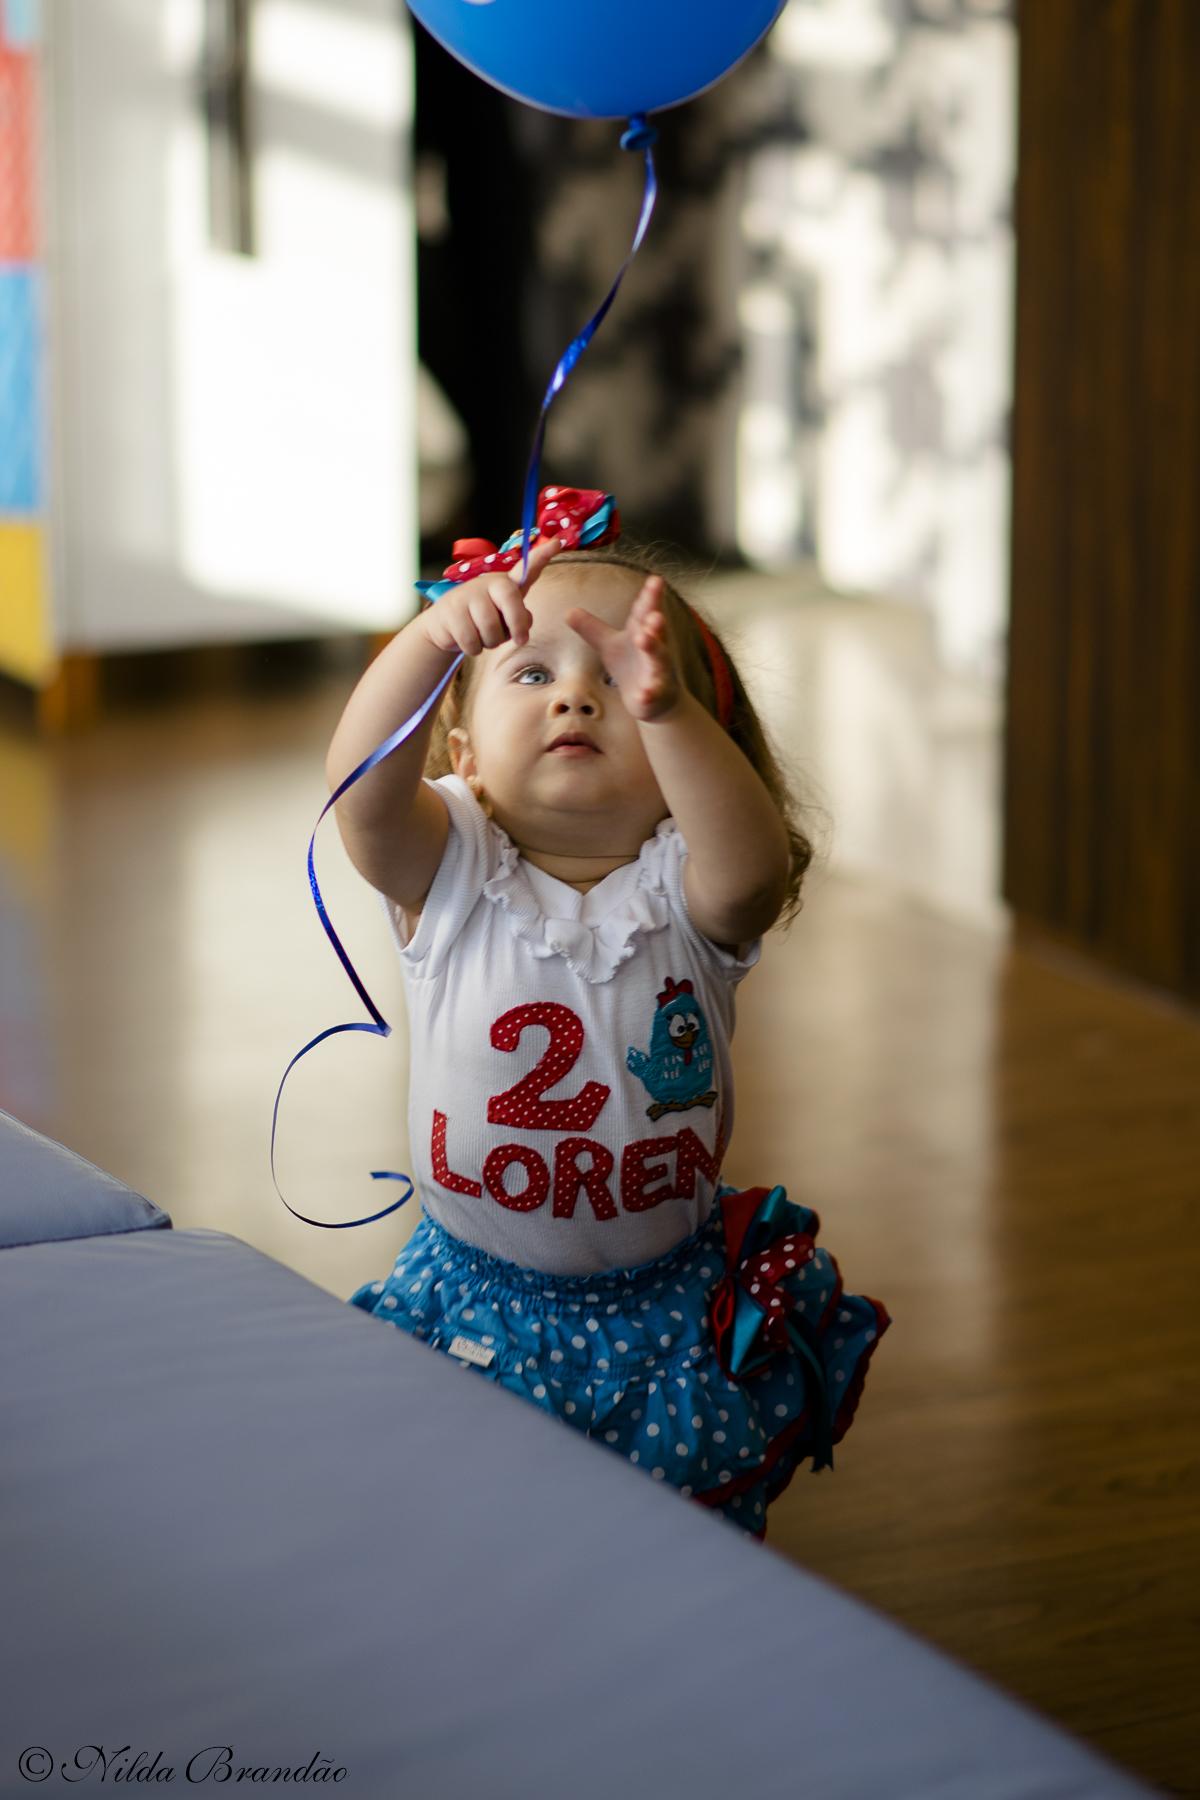 Quem não ama balão de gas? A Lorena ama!